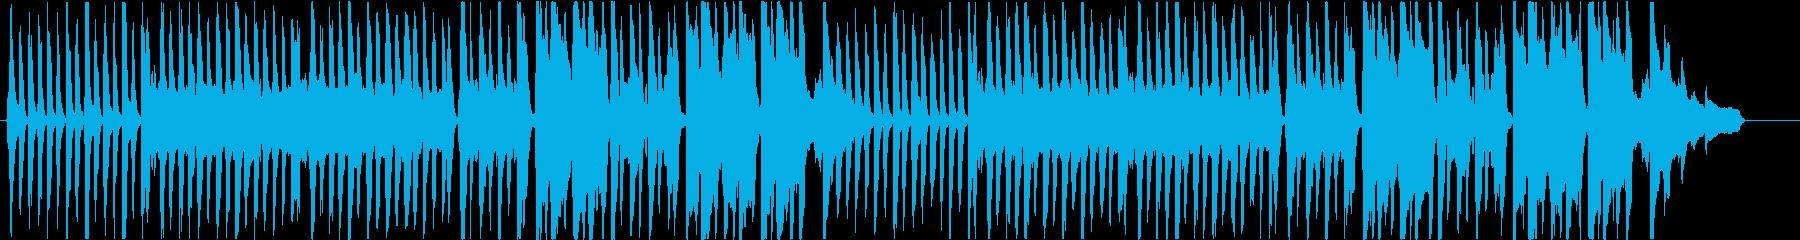 ほのぼのした雰囲気の日常曲の再生済みの波形